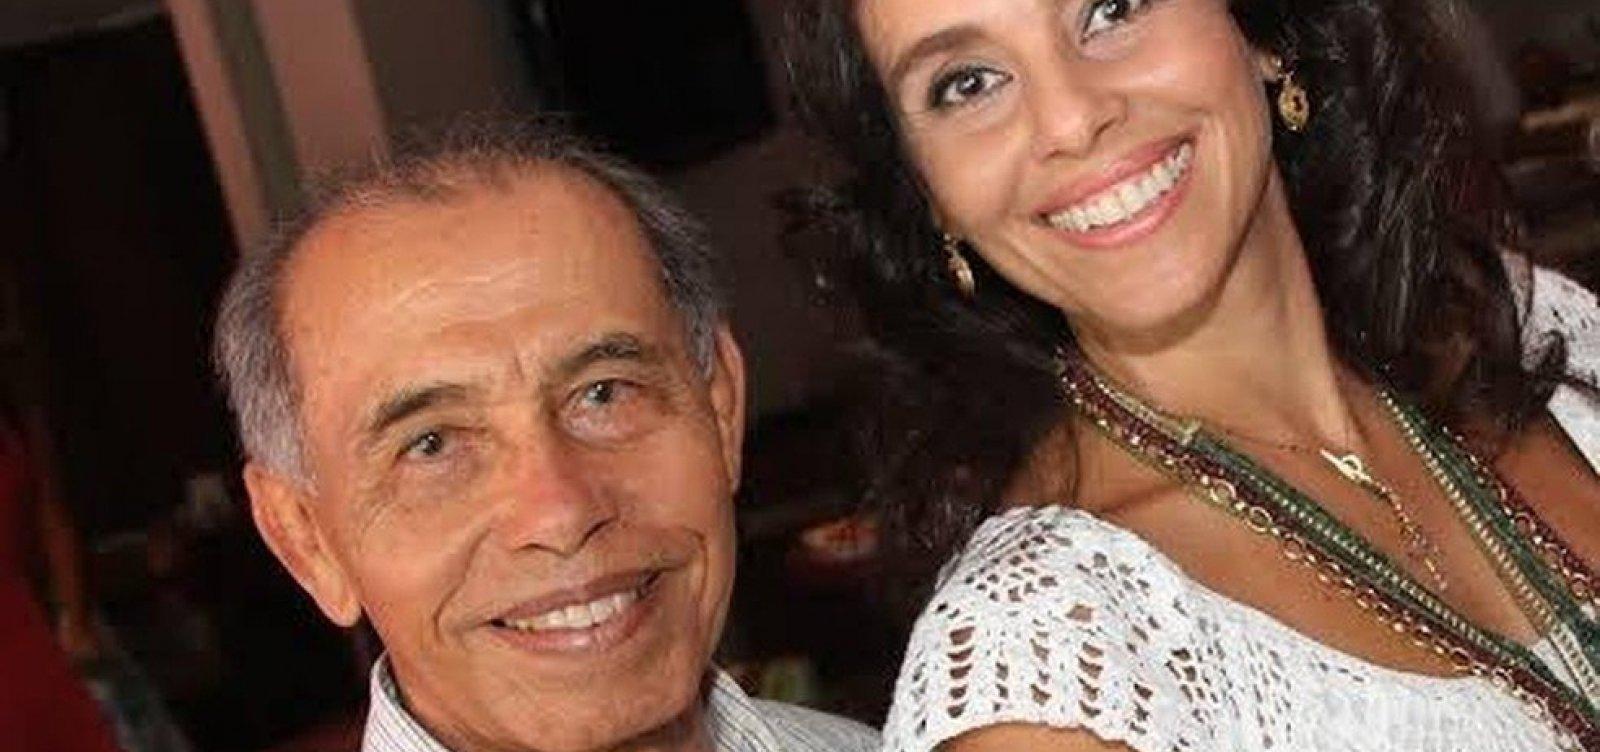 Arquiteto Gilberbet Chaves, 93 anos, está desaparecido; família está à procura